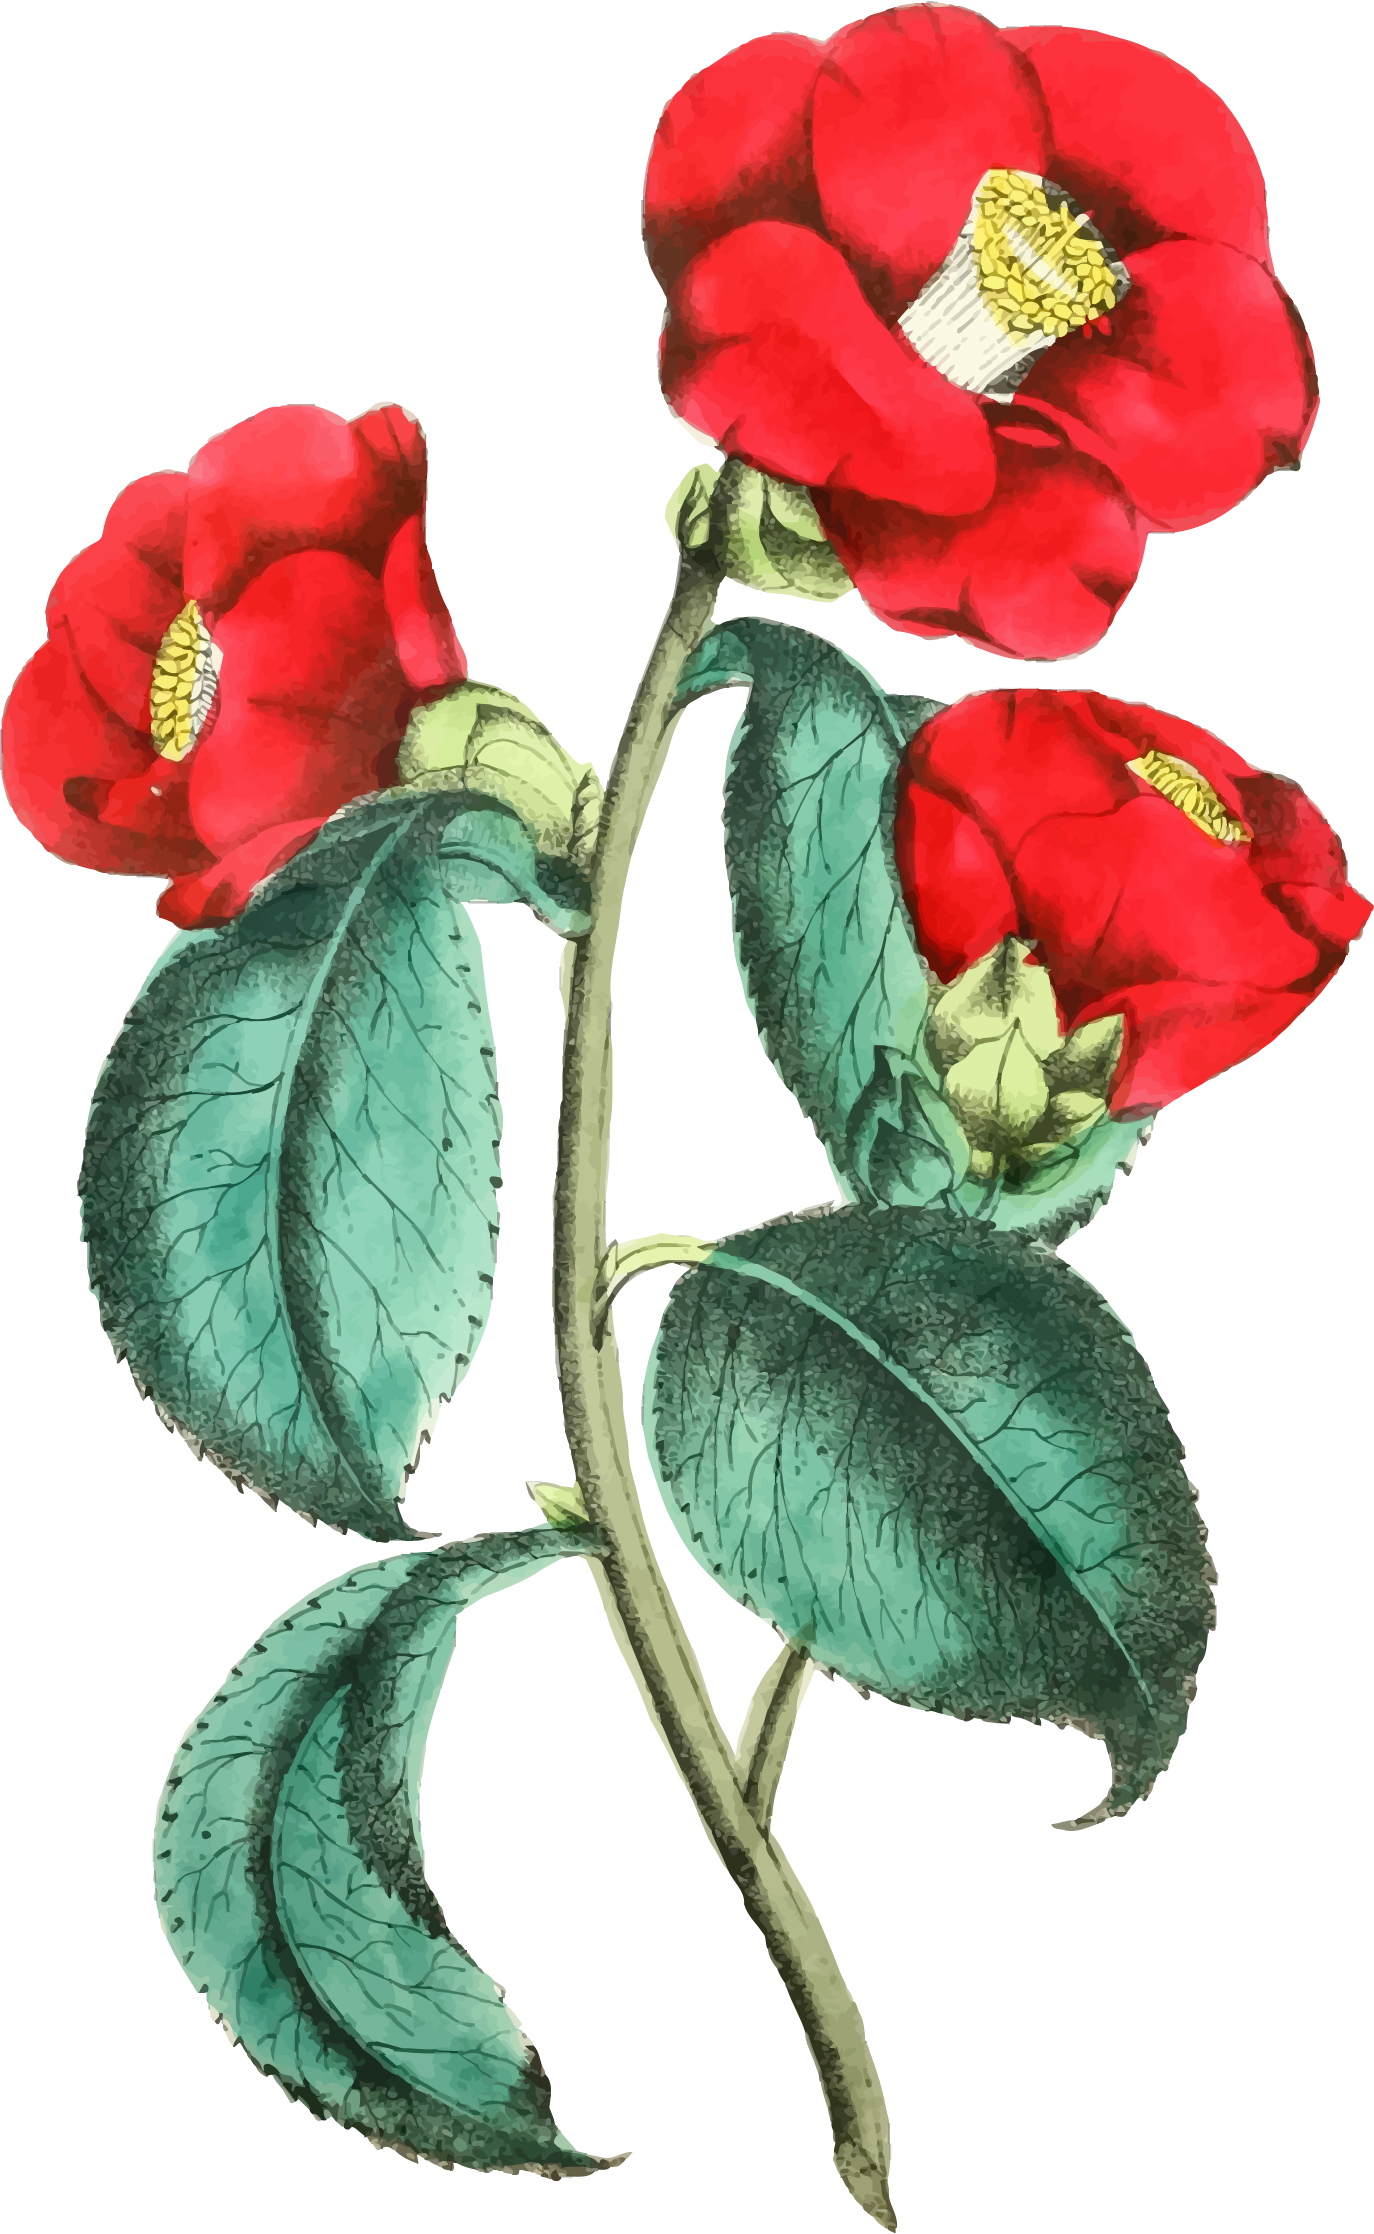 Flower big image png. Flowers clipart illustration